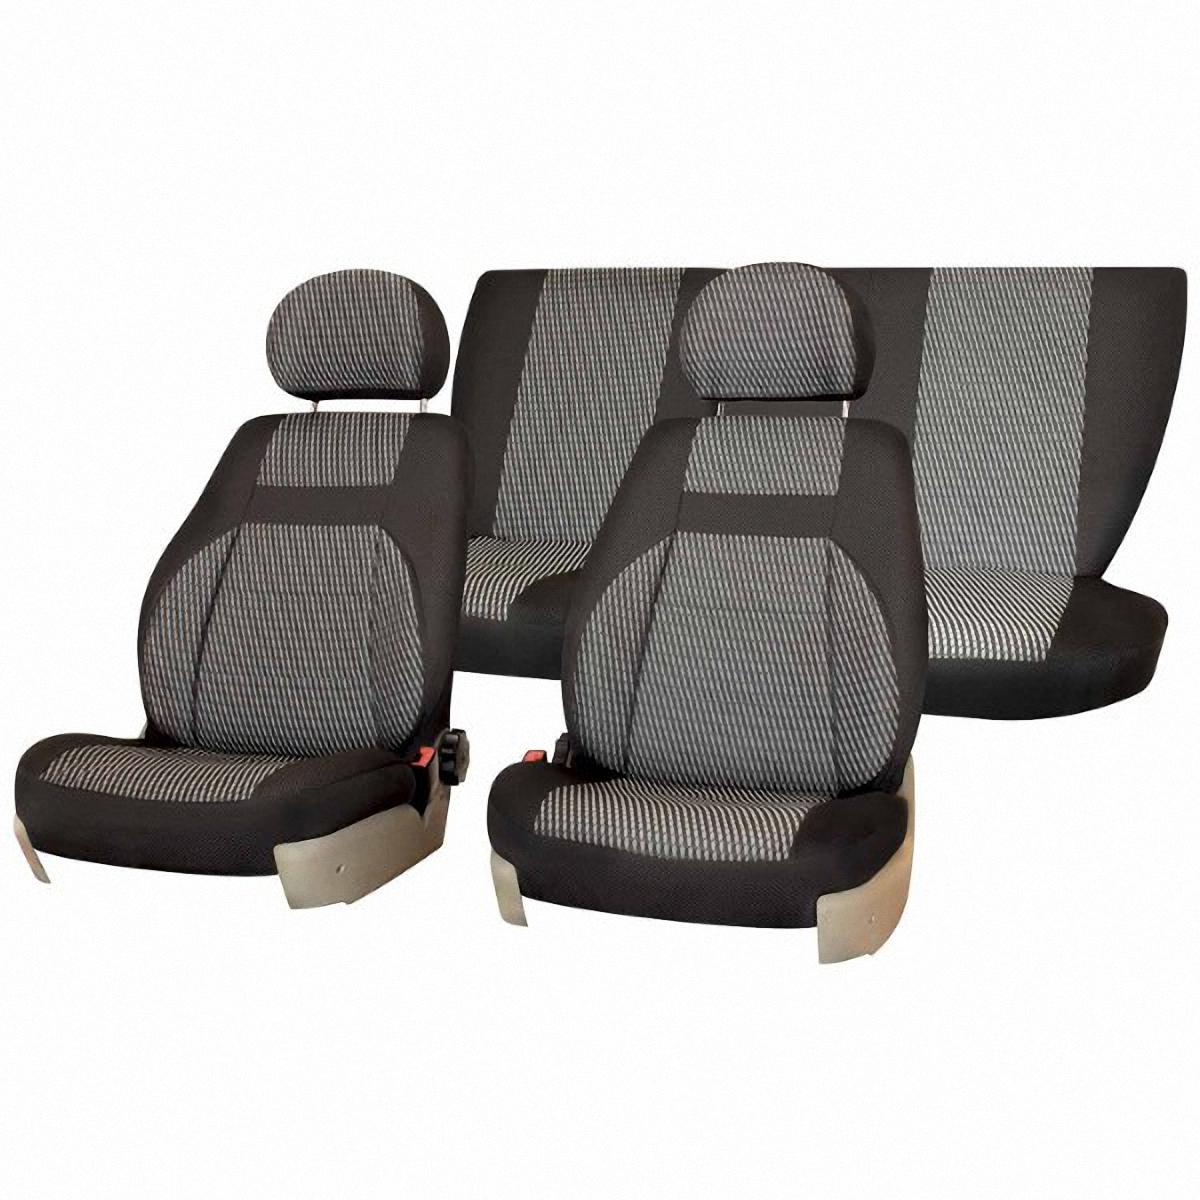 Чехлы автомобильные Skyway, для Lada Priora, седан, цвет: светло-серыйSC-FD421005Автомобильные чехлы Skyway изготовлены из качественного жаккарда. Чехлы идеально повторяют штатную форму сидений и выглядят как оригинальная обивка сидений. Разработаны индивидуально для каждой модели автомобиля. Авточехлы Skyway просты в уходе - загрязнения легко удаляются влажной тканью. Чехлы имеют раздельную схему надевания. В комплекте 12 предметов.